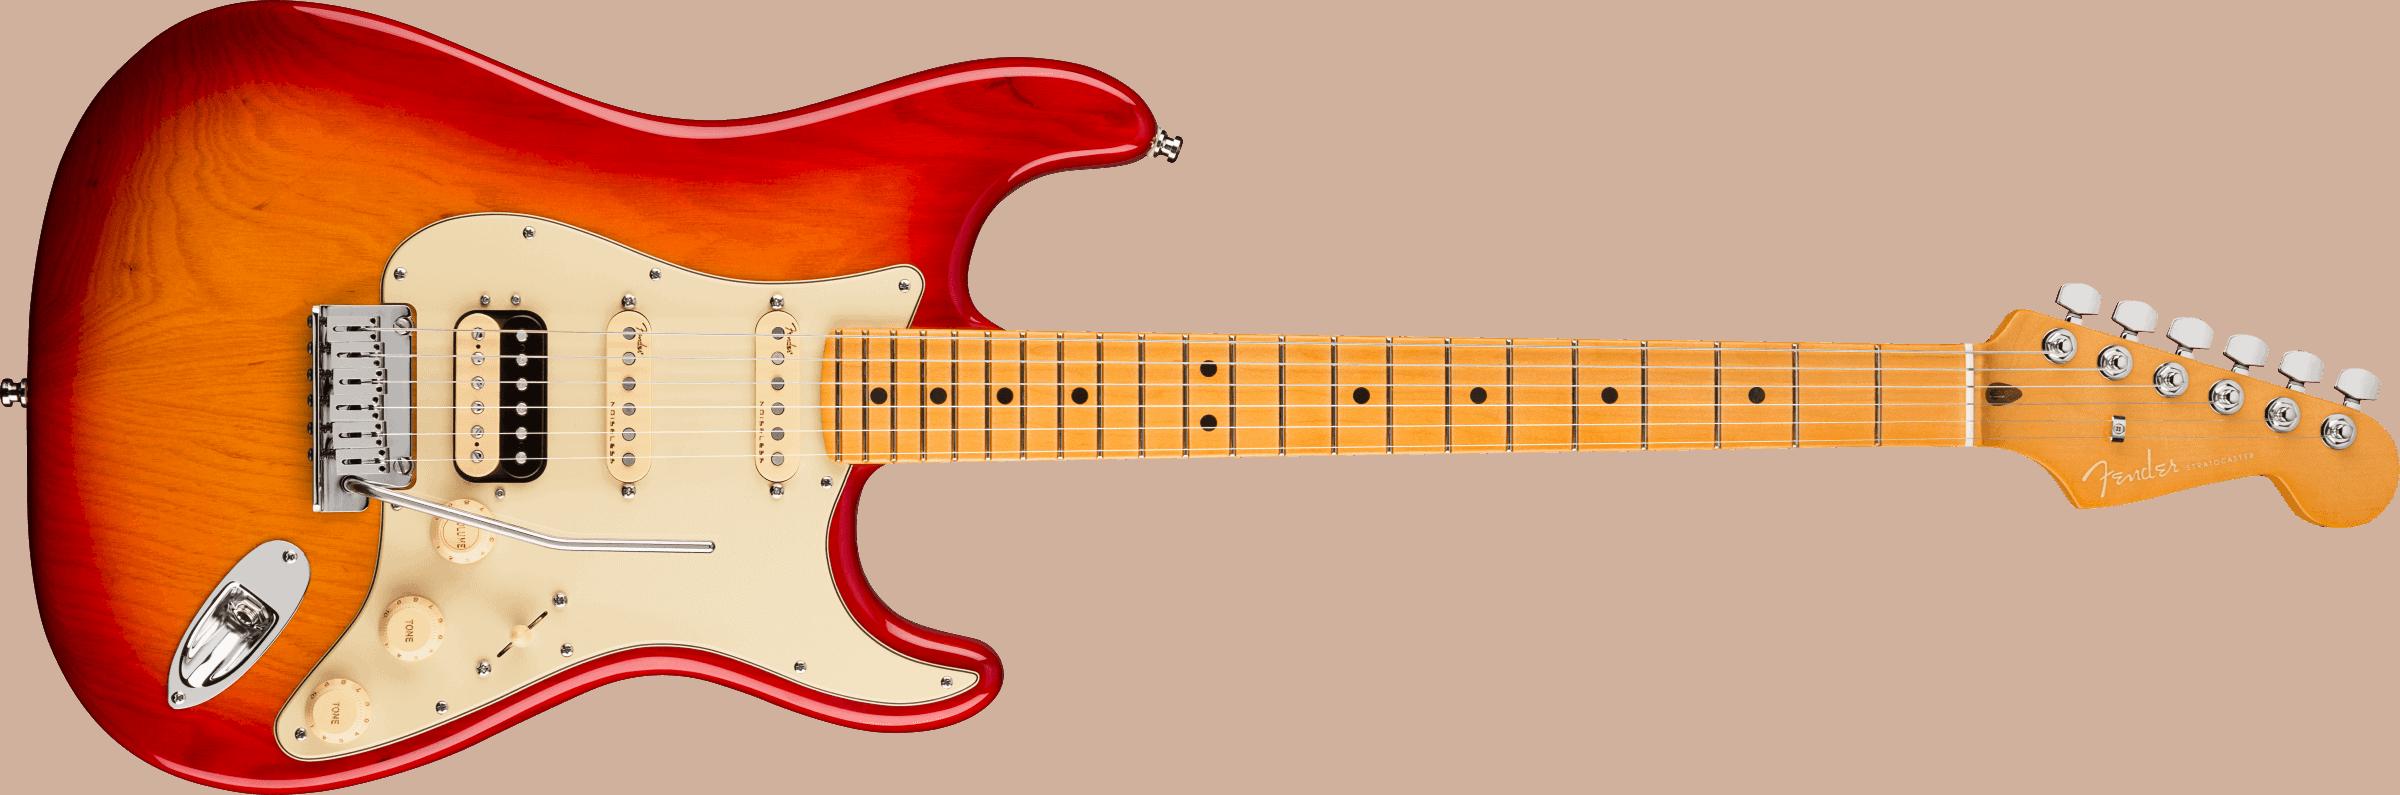 Fender American Ultra Stratocaster® HSS, Maple Fingerboard, Plasma Red Burst